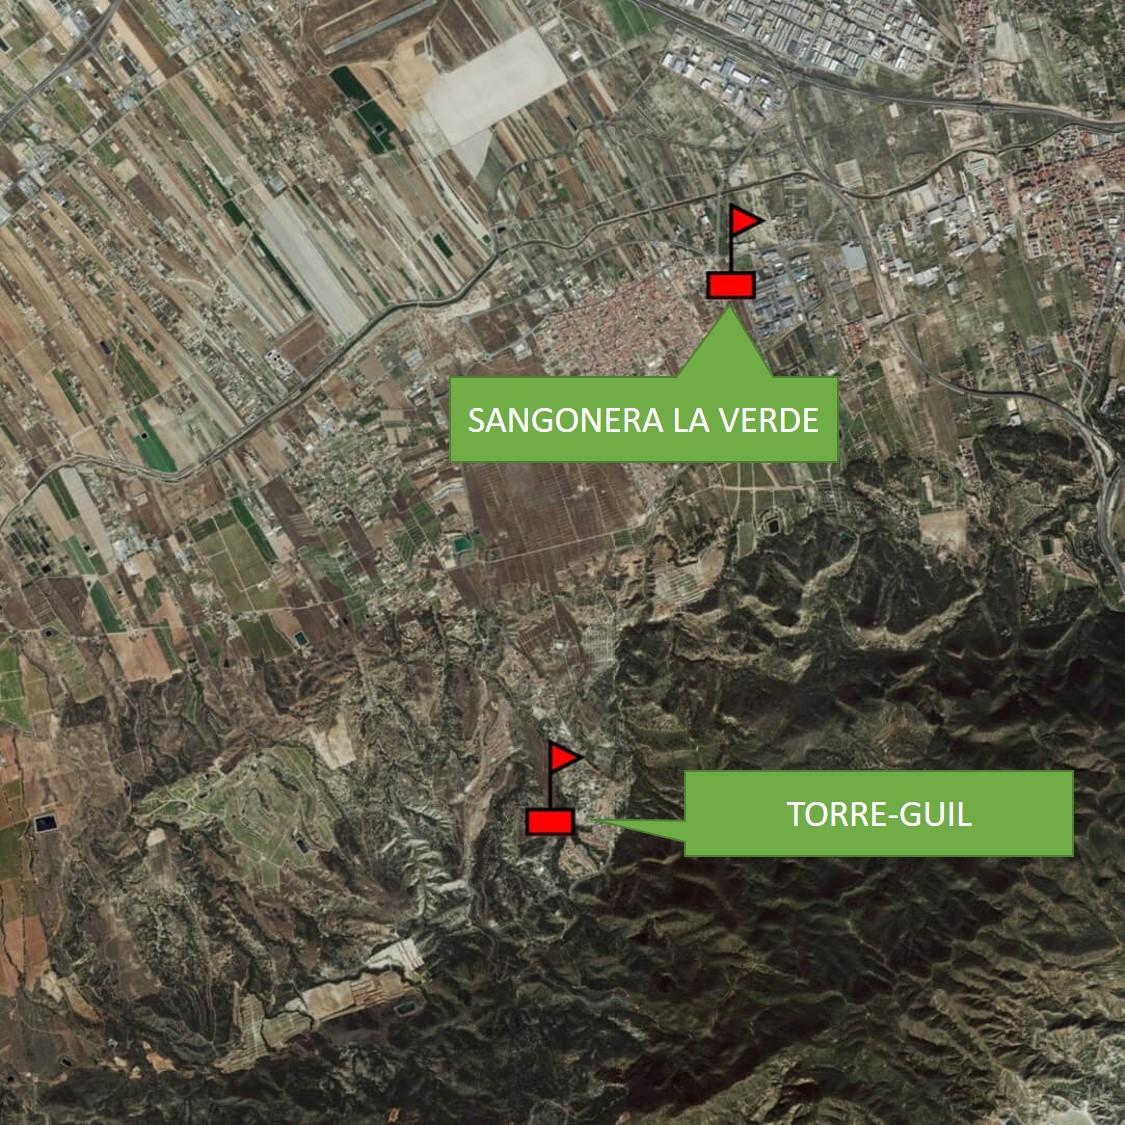 Mapa estaciones meteorológicas en Sangonera